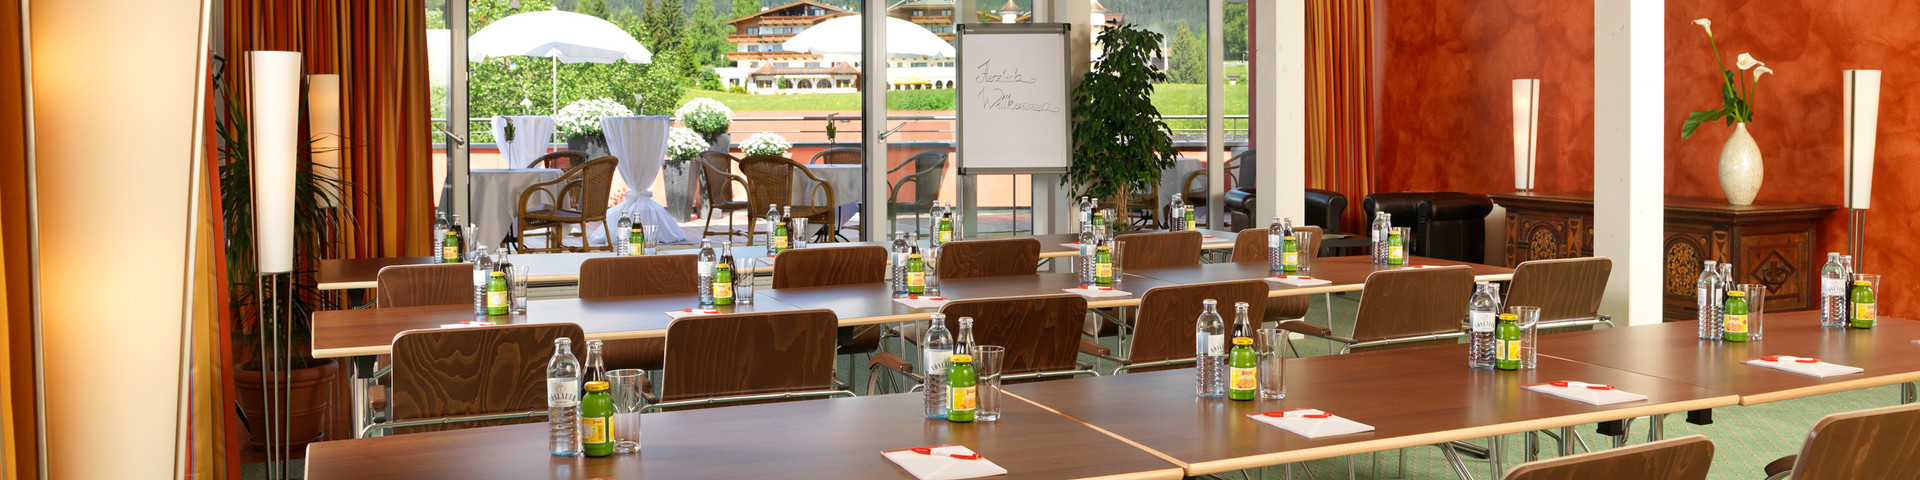 Das Hotel Eden - Seminarraum Seefelderspitz 2 © Das Hotel Eden